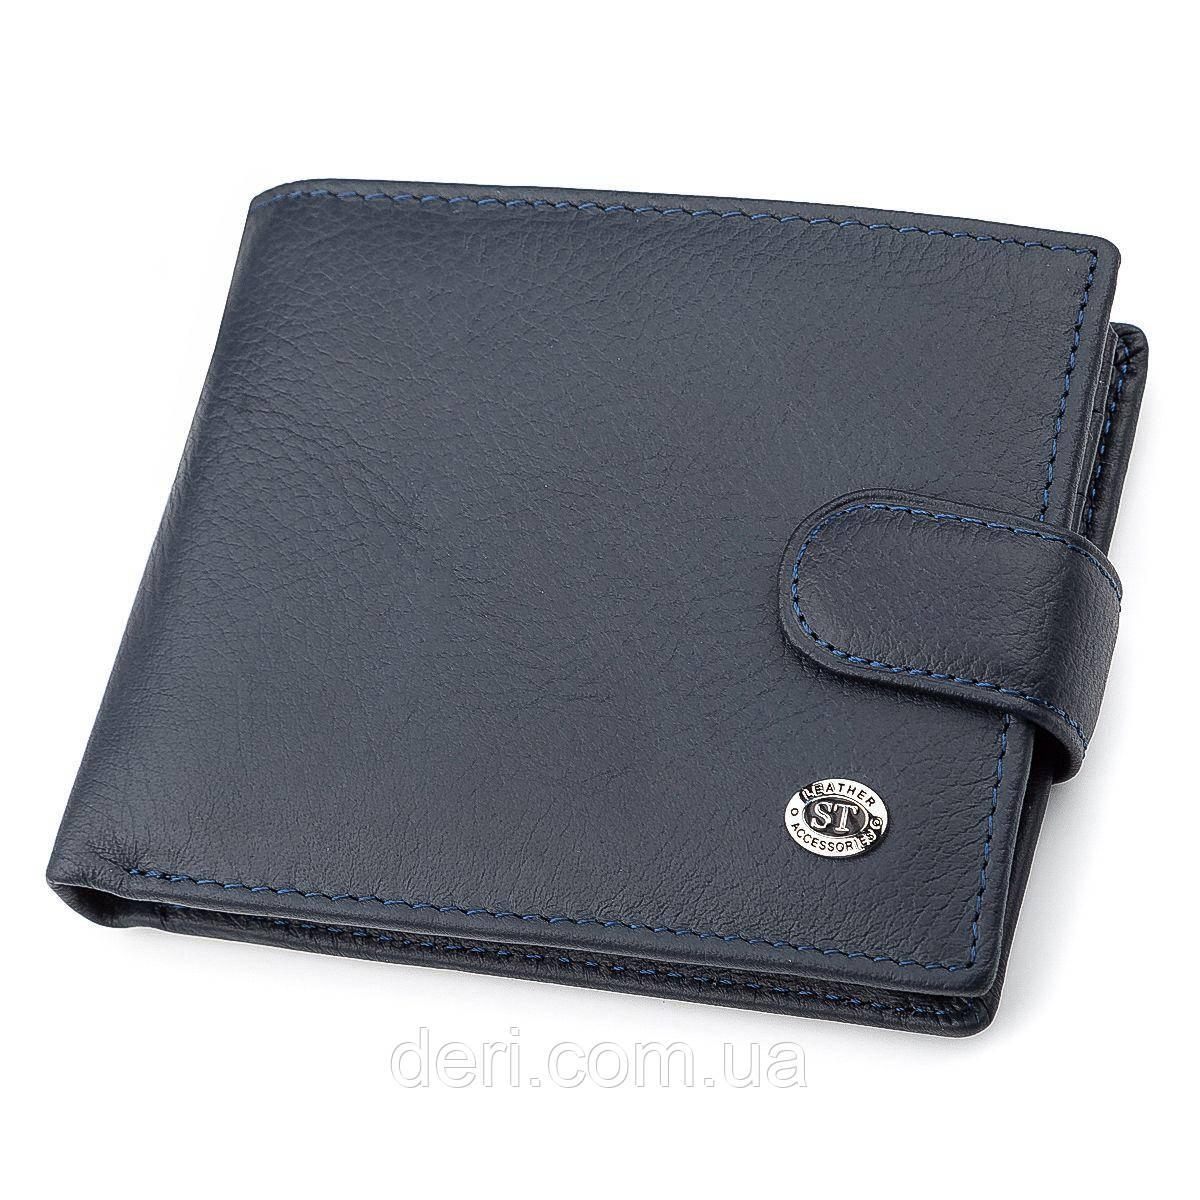 Мужской кошелек ST Leather 18329 (ST137) кожа Синий, Синий